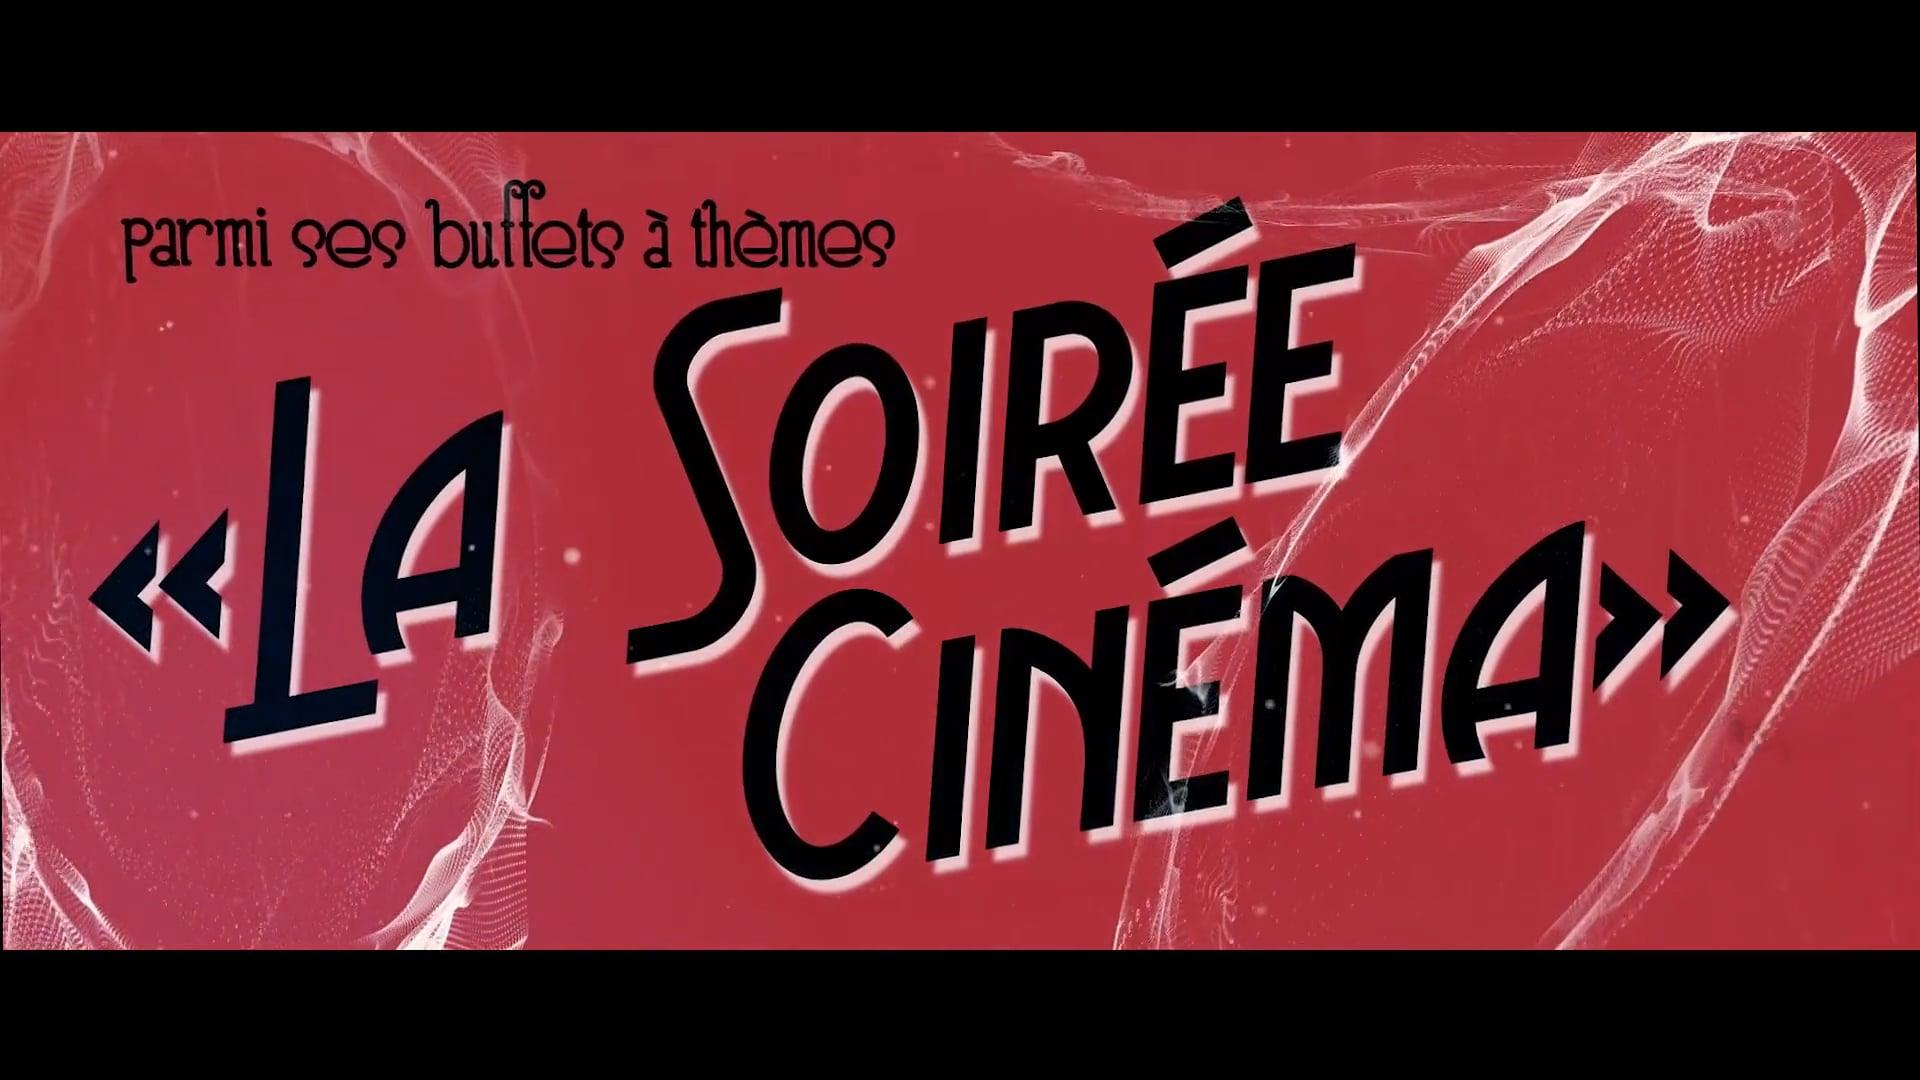 """Les Buffets """"Soirée Cinéma"""" - Beltoise & Clamens Traiteur [2018]"""